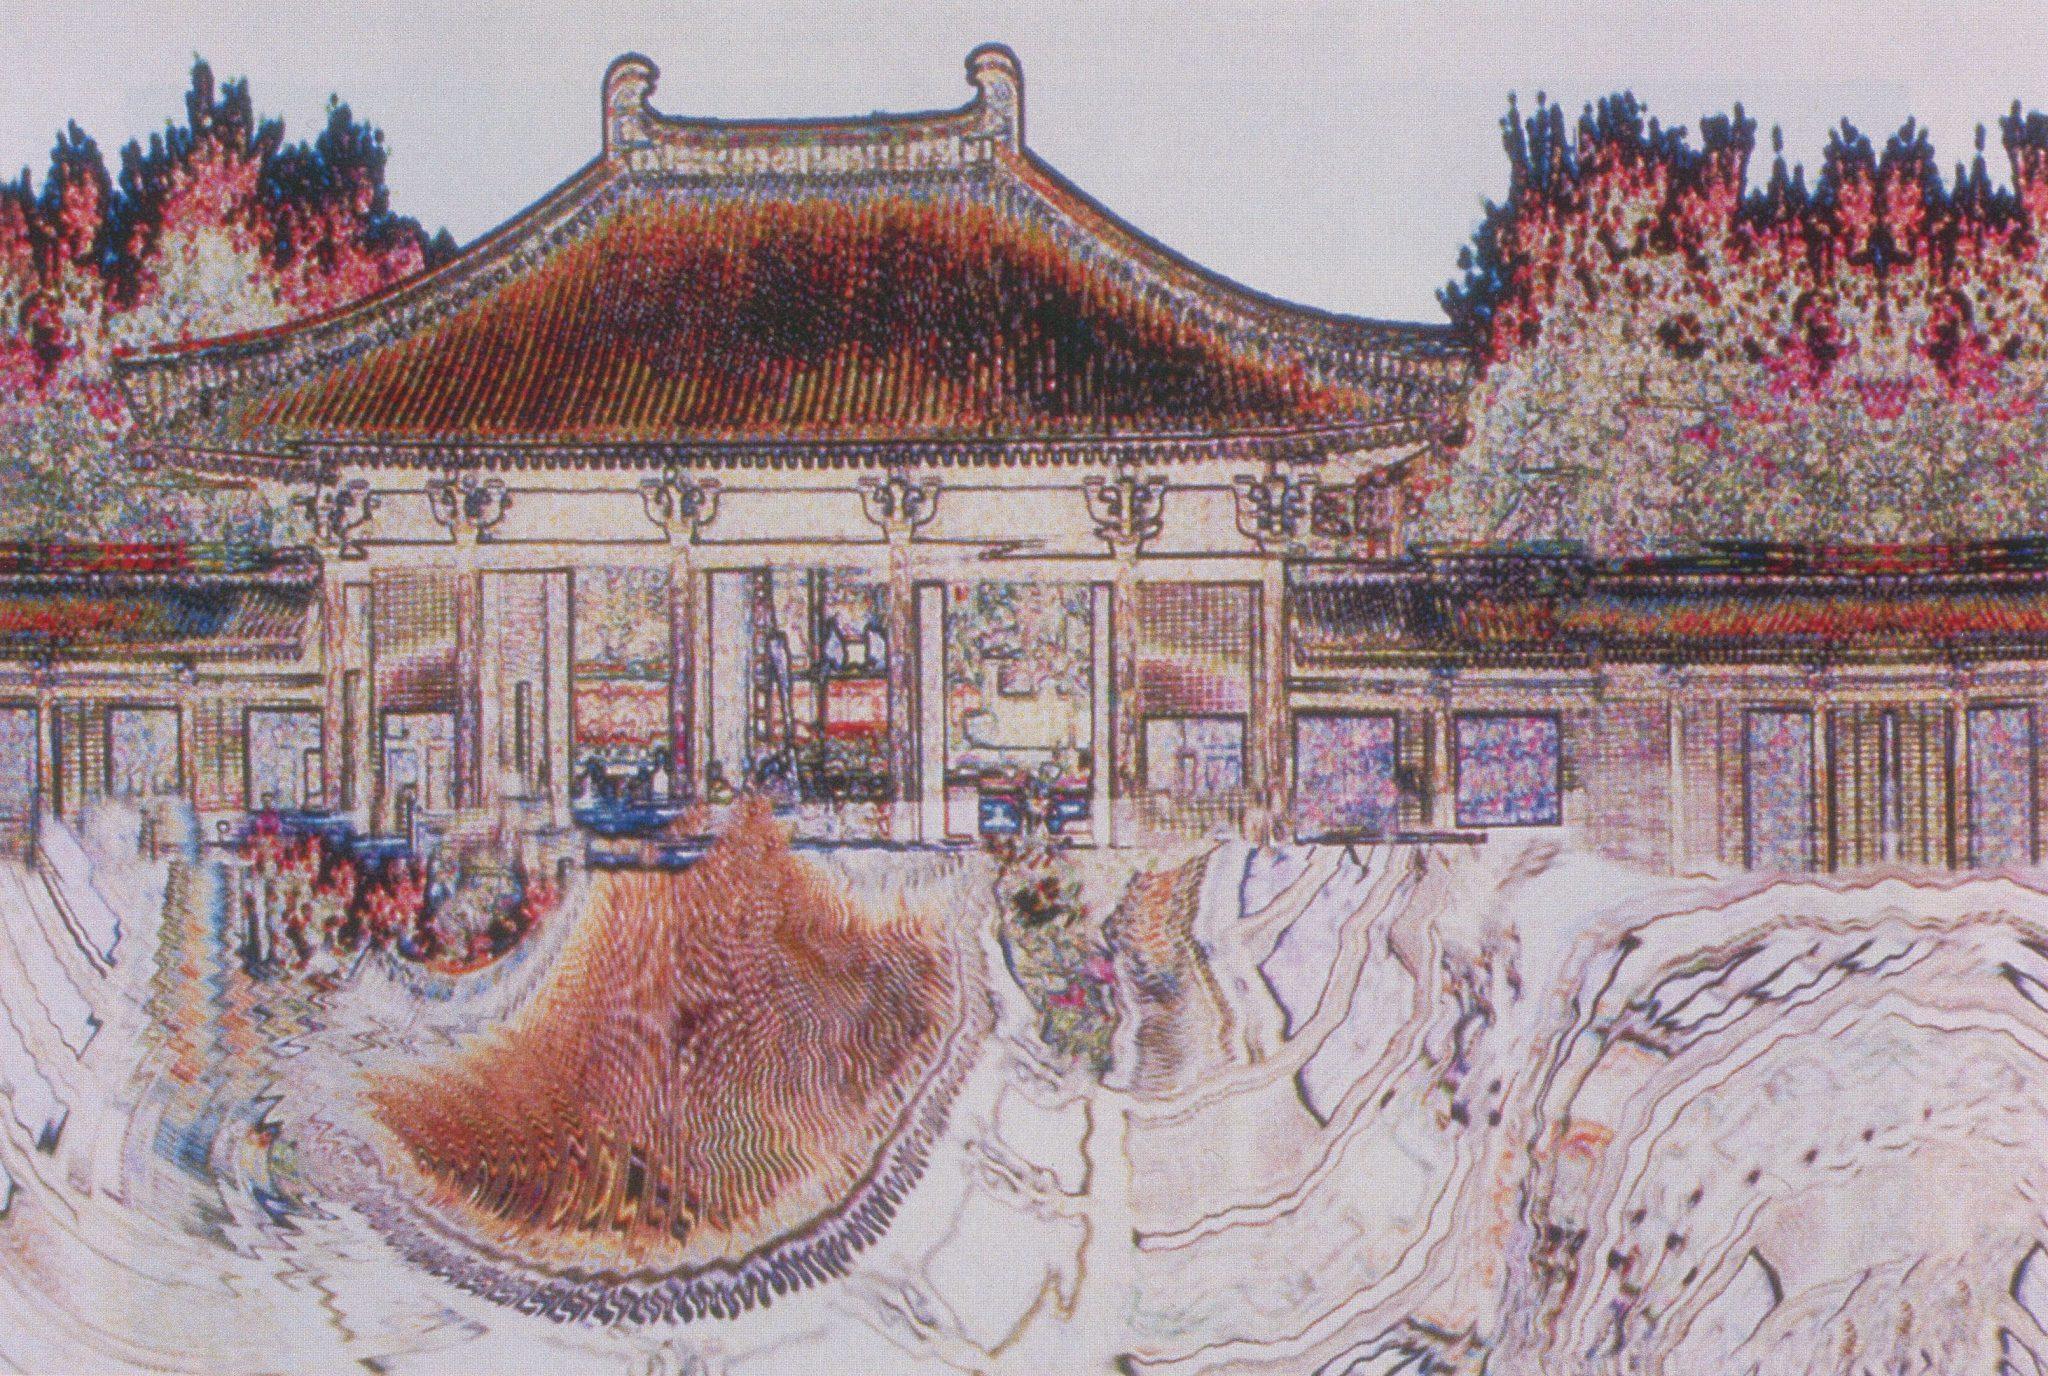 ©1994, Hui-Chu Ying